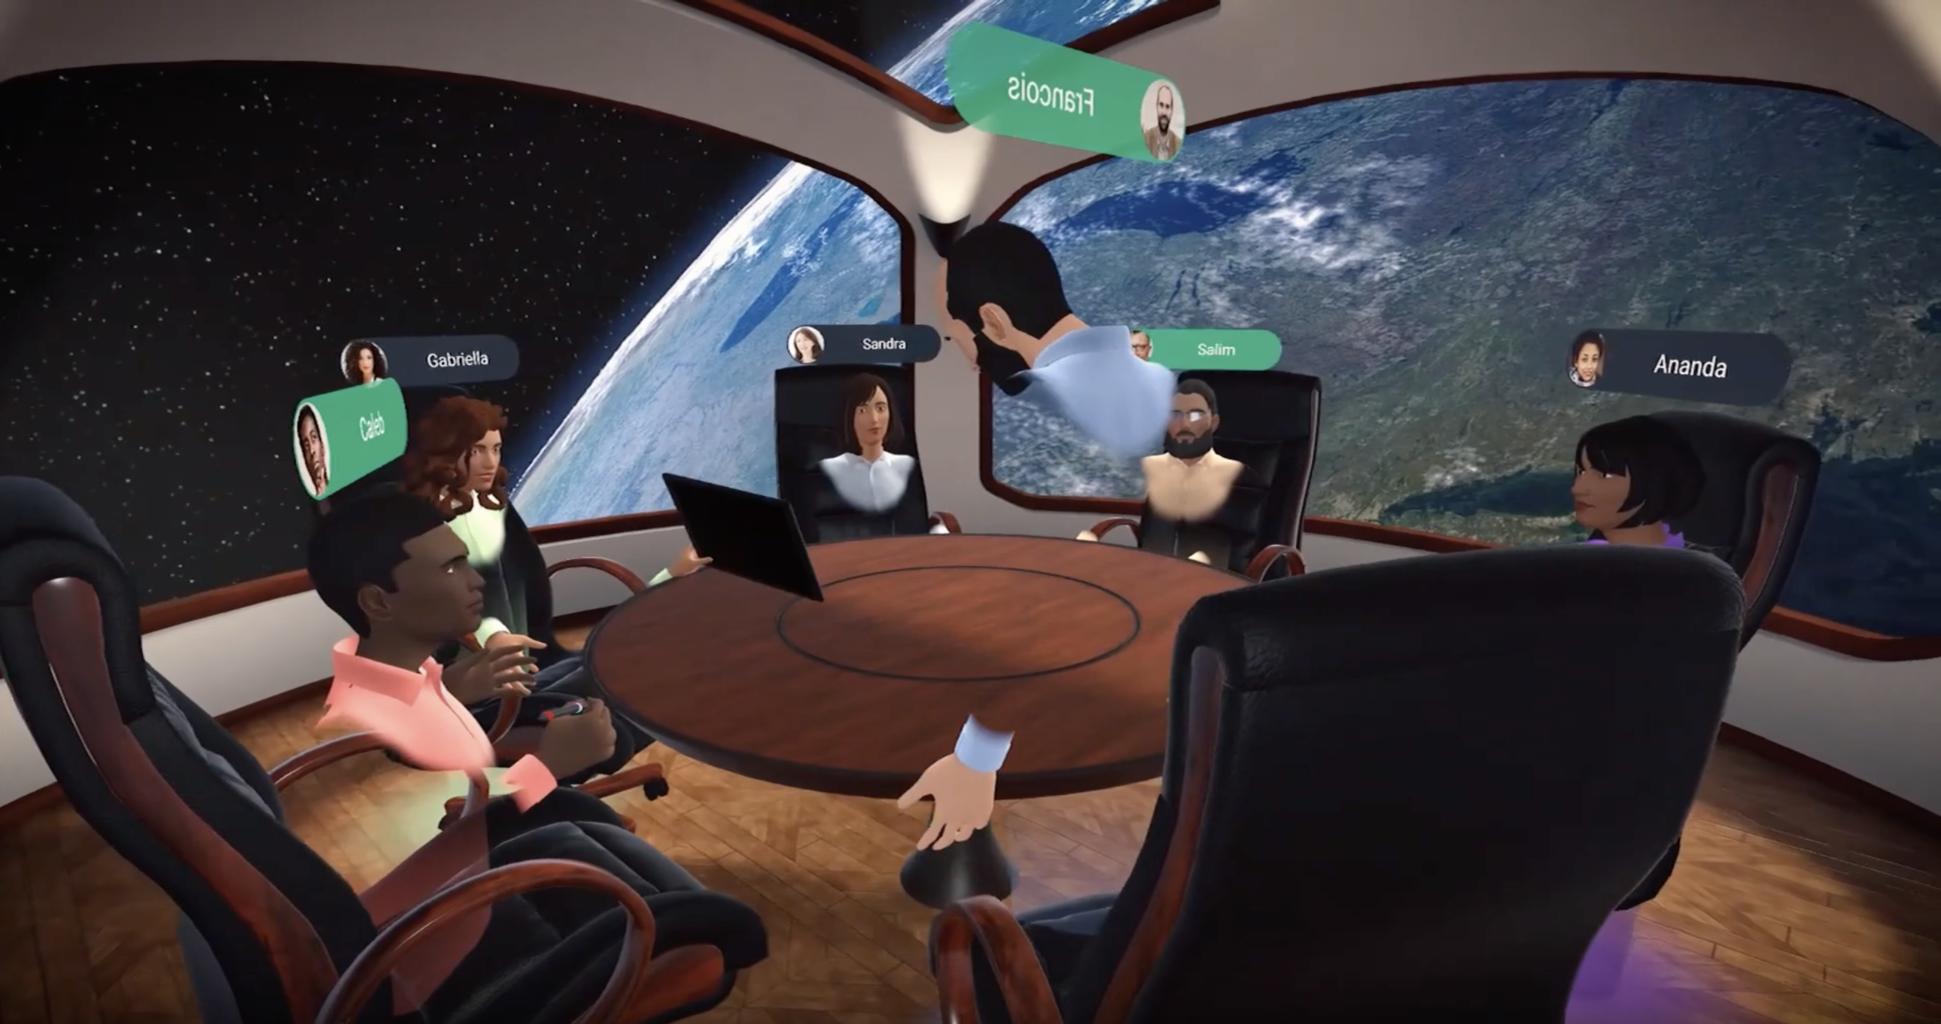 Immersivt erbjuder utbildning & produktion för effektiva VR-möten